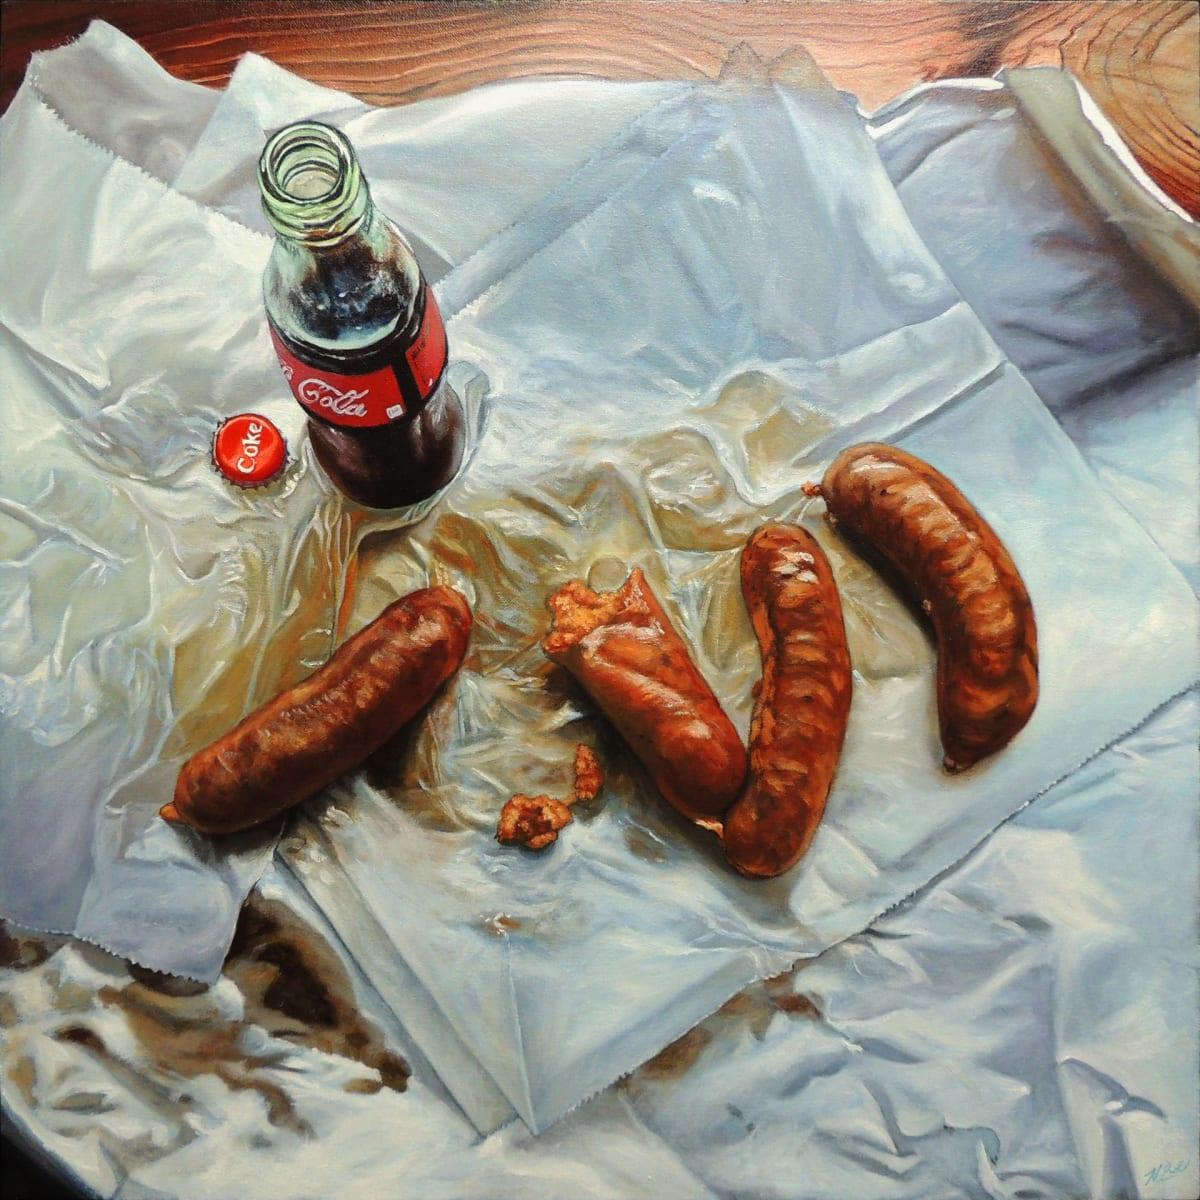 Boudin breakfast by Herb Roe